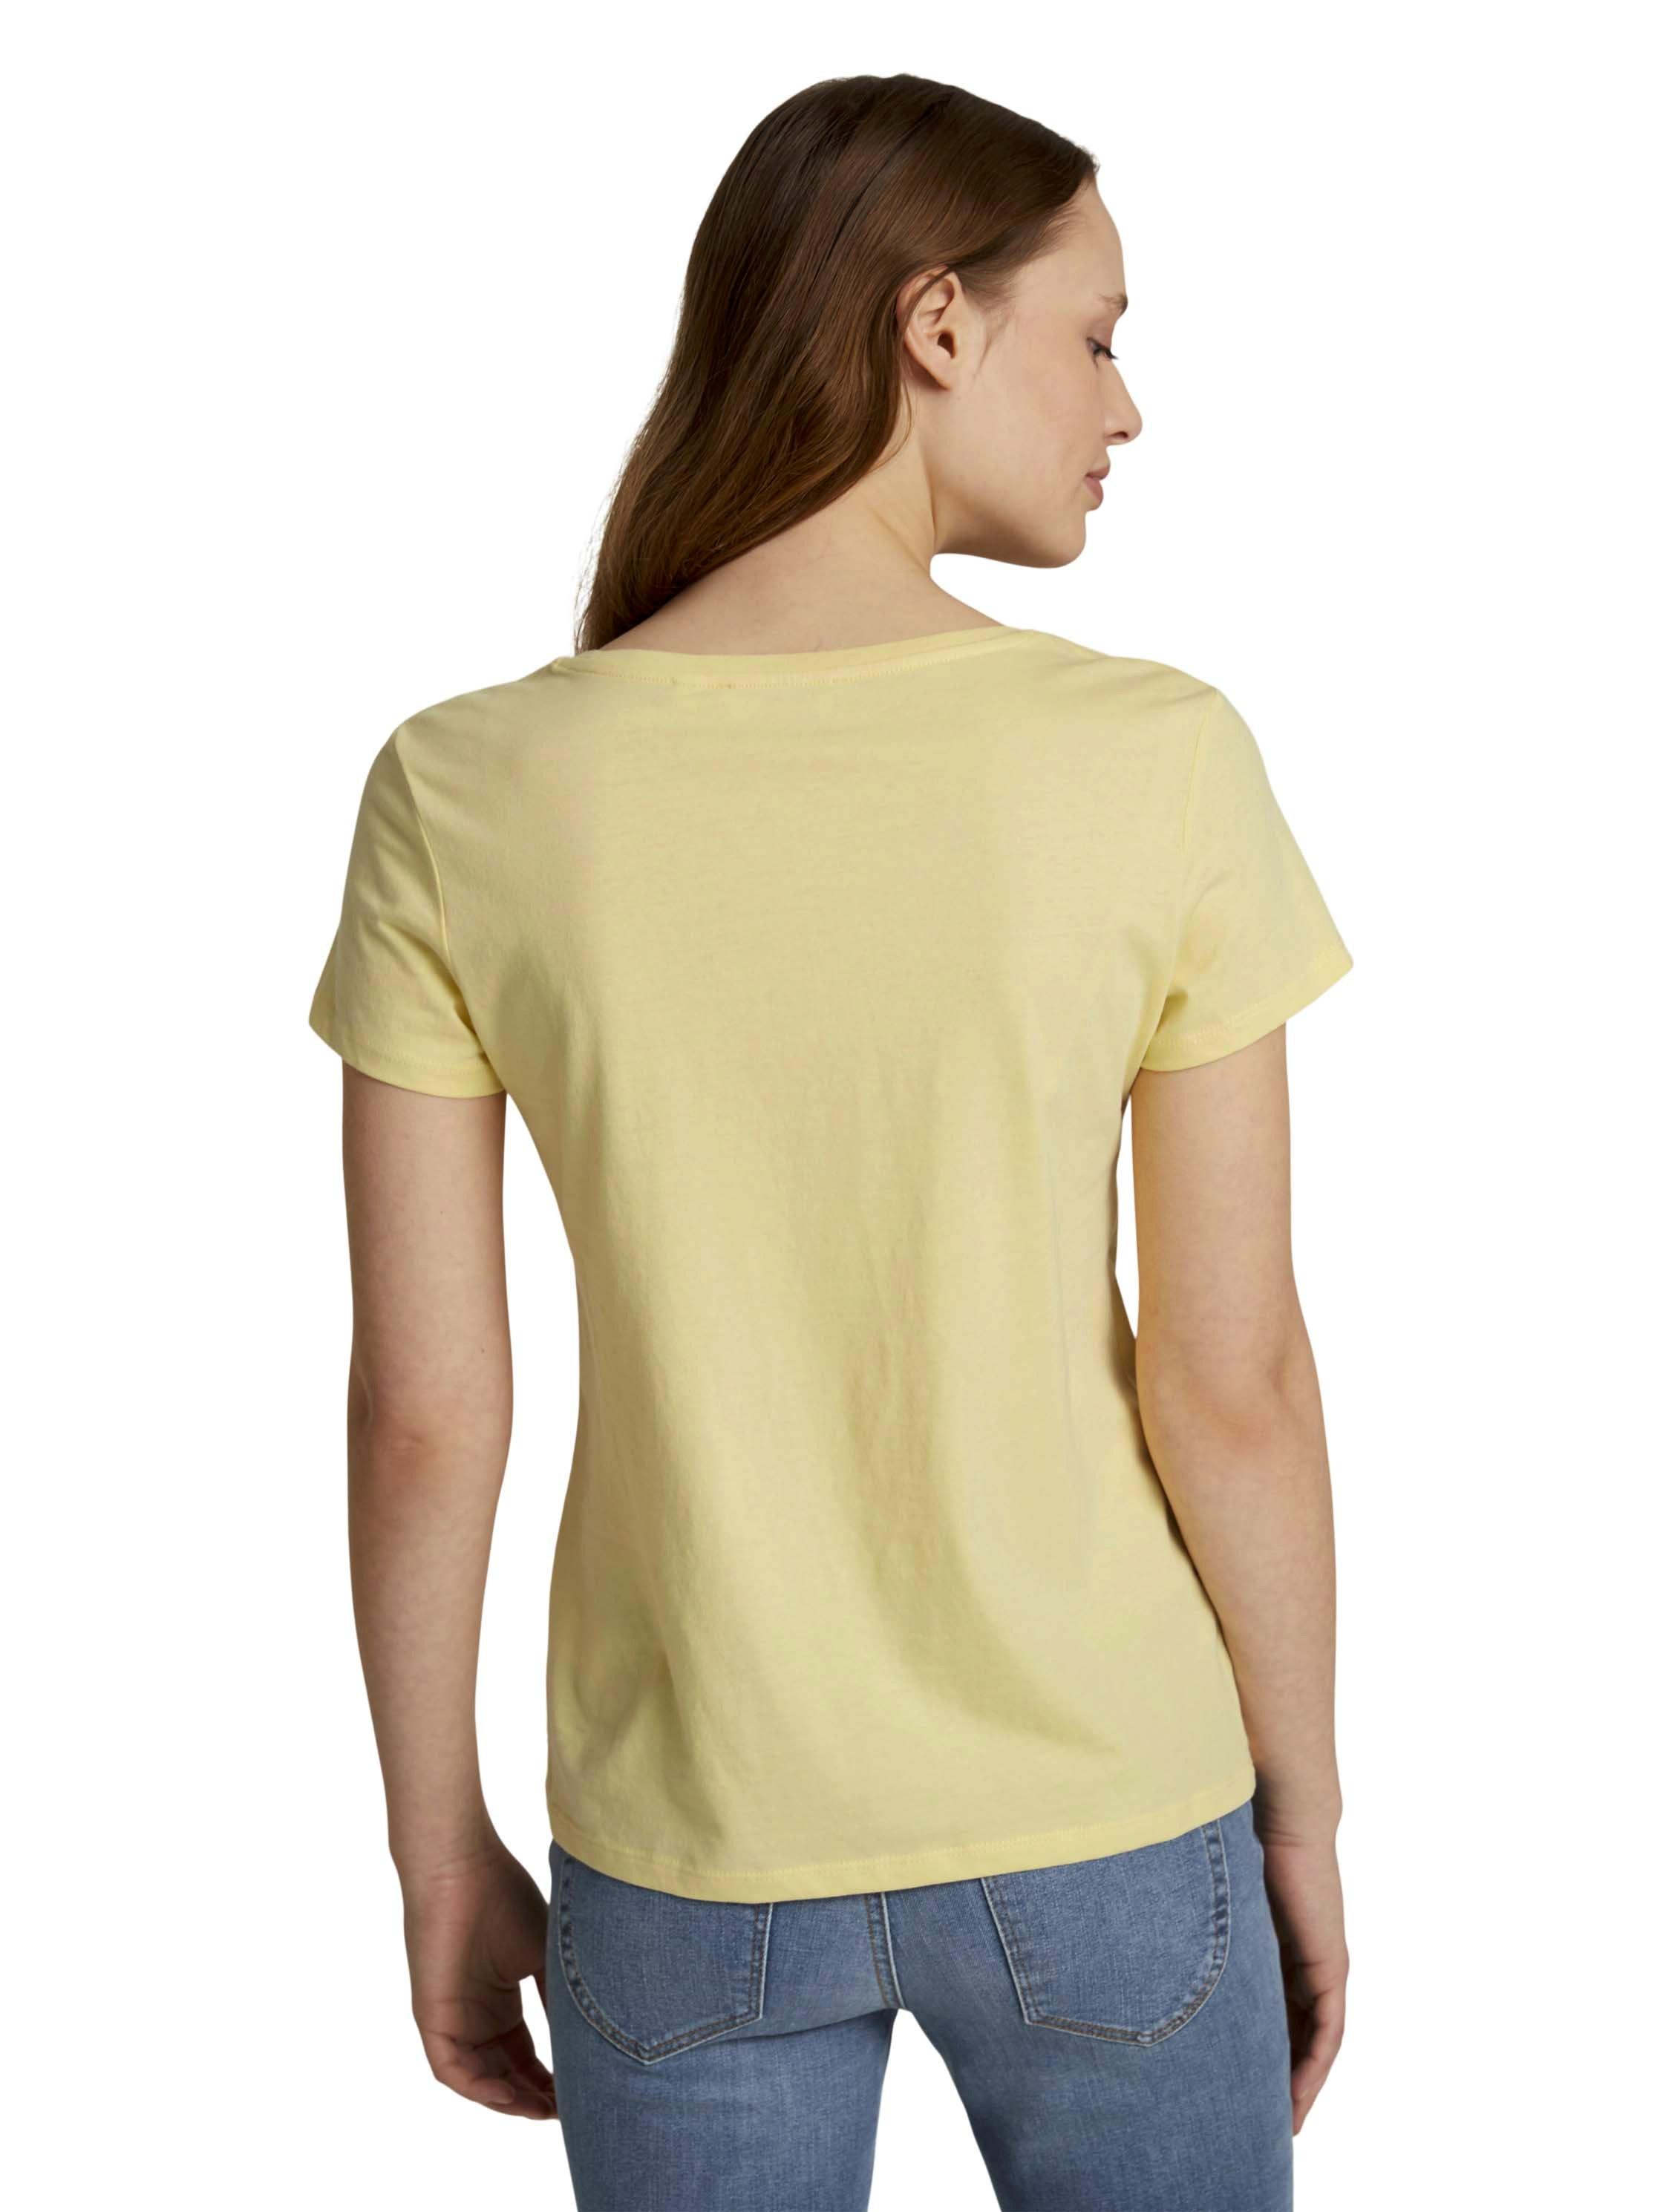 Tom Tailor Denim Shirt Basic Print Tee